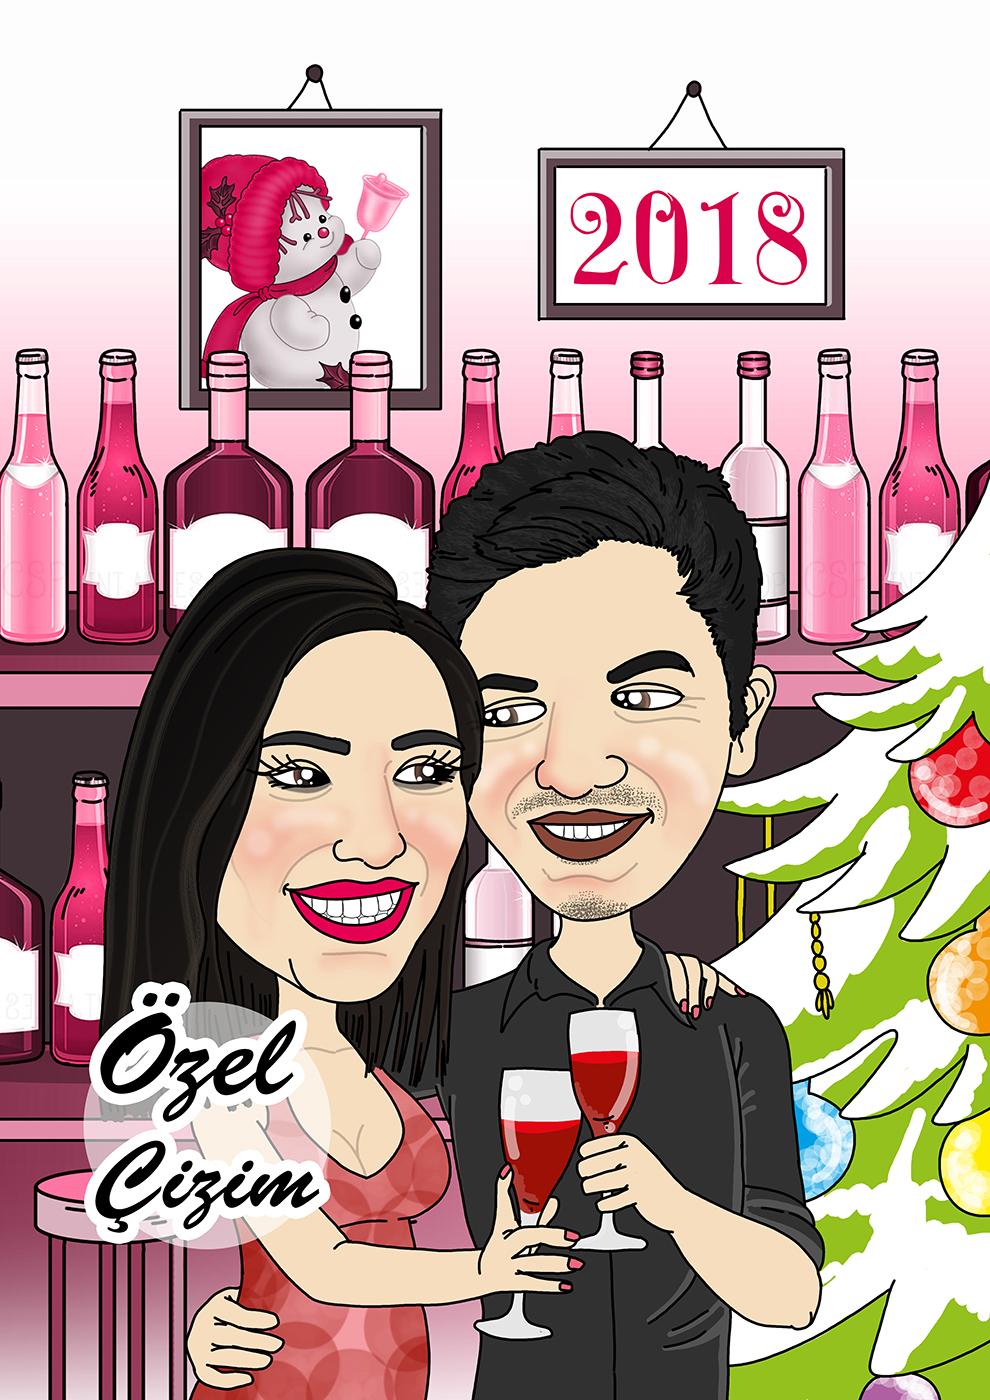 Yılbaşı Hediyesi, Yeni yıl hediyesi,Yeni yıl hediyeleri,Karı koca hediye,Yılbaşı hediyeleri, hediye sepeti, Yılbaşı hediyesi fikirleri,hediye karikatür, hediye portre, hediye fikirleri, karikatür